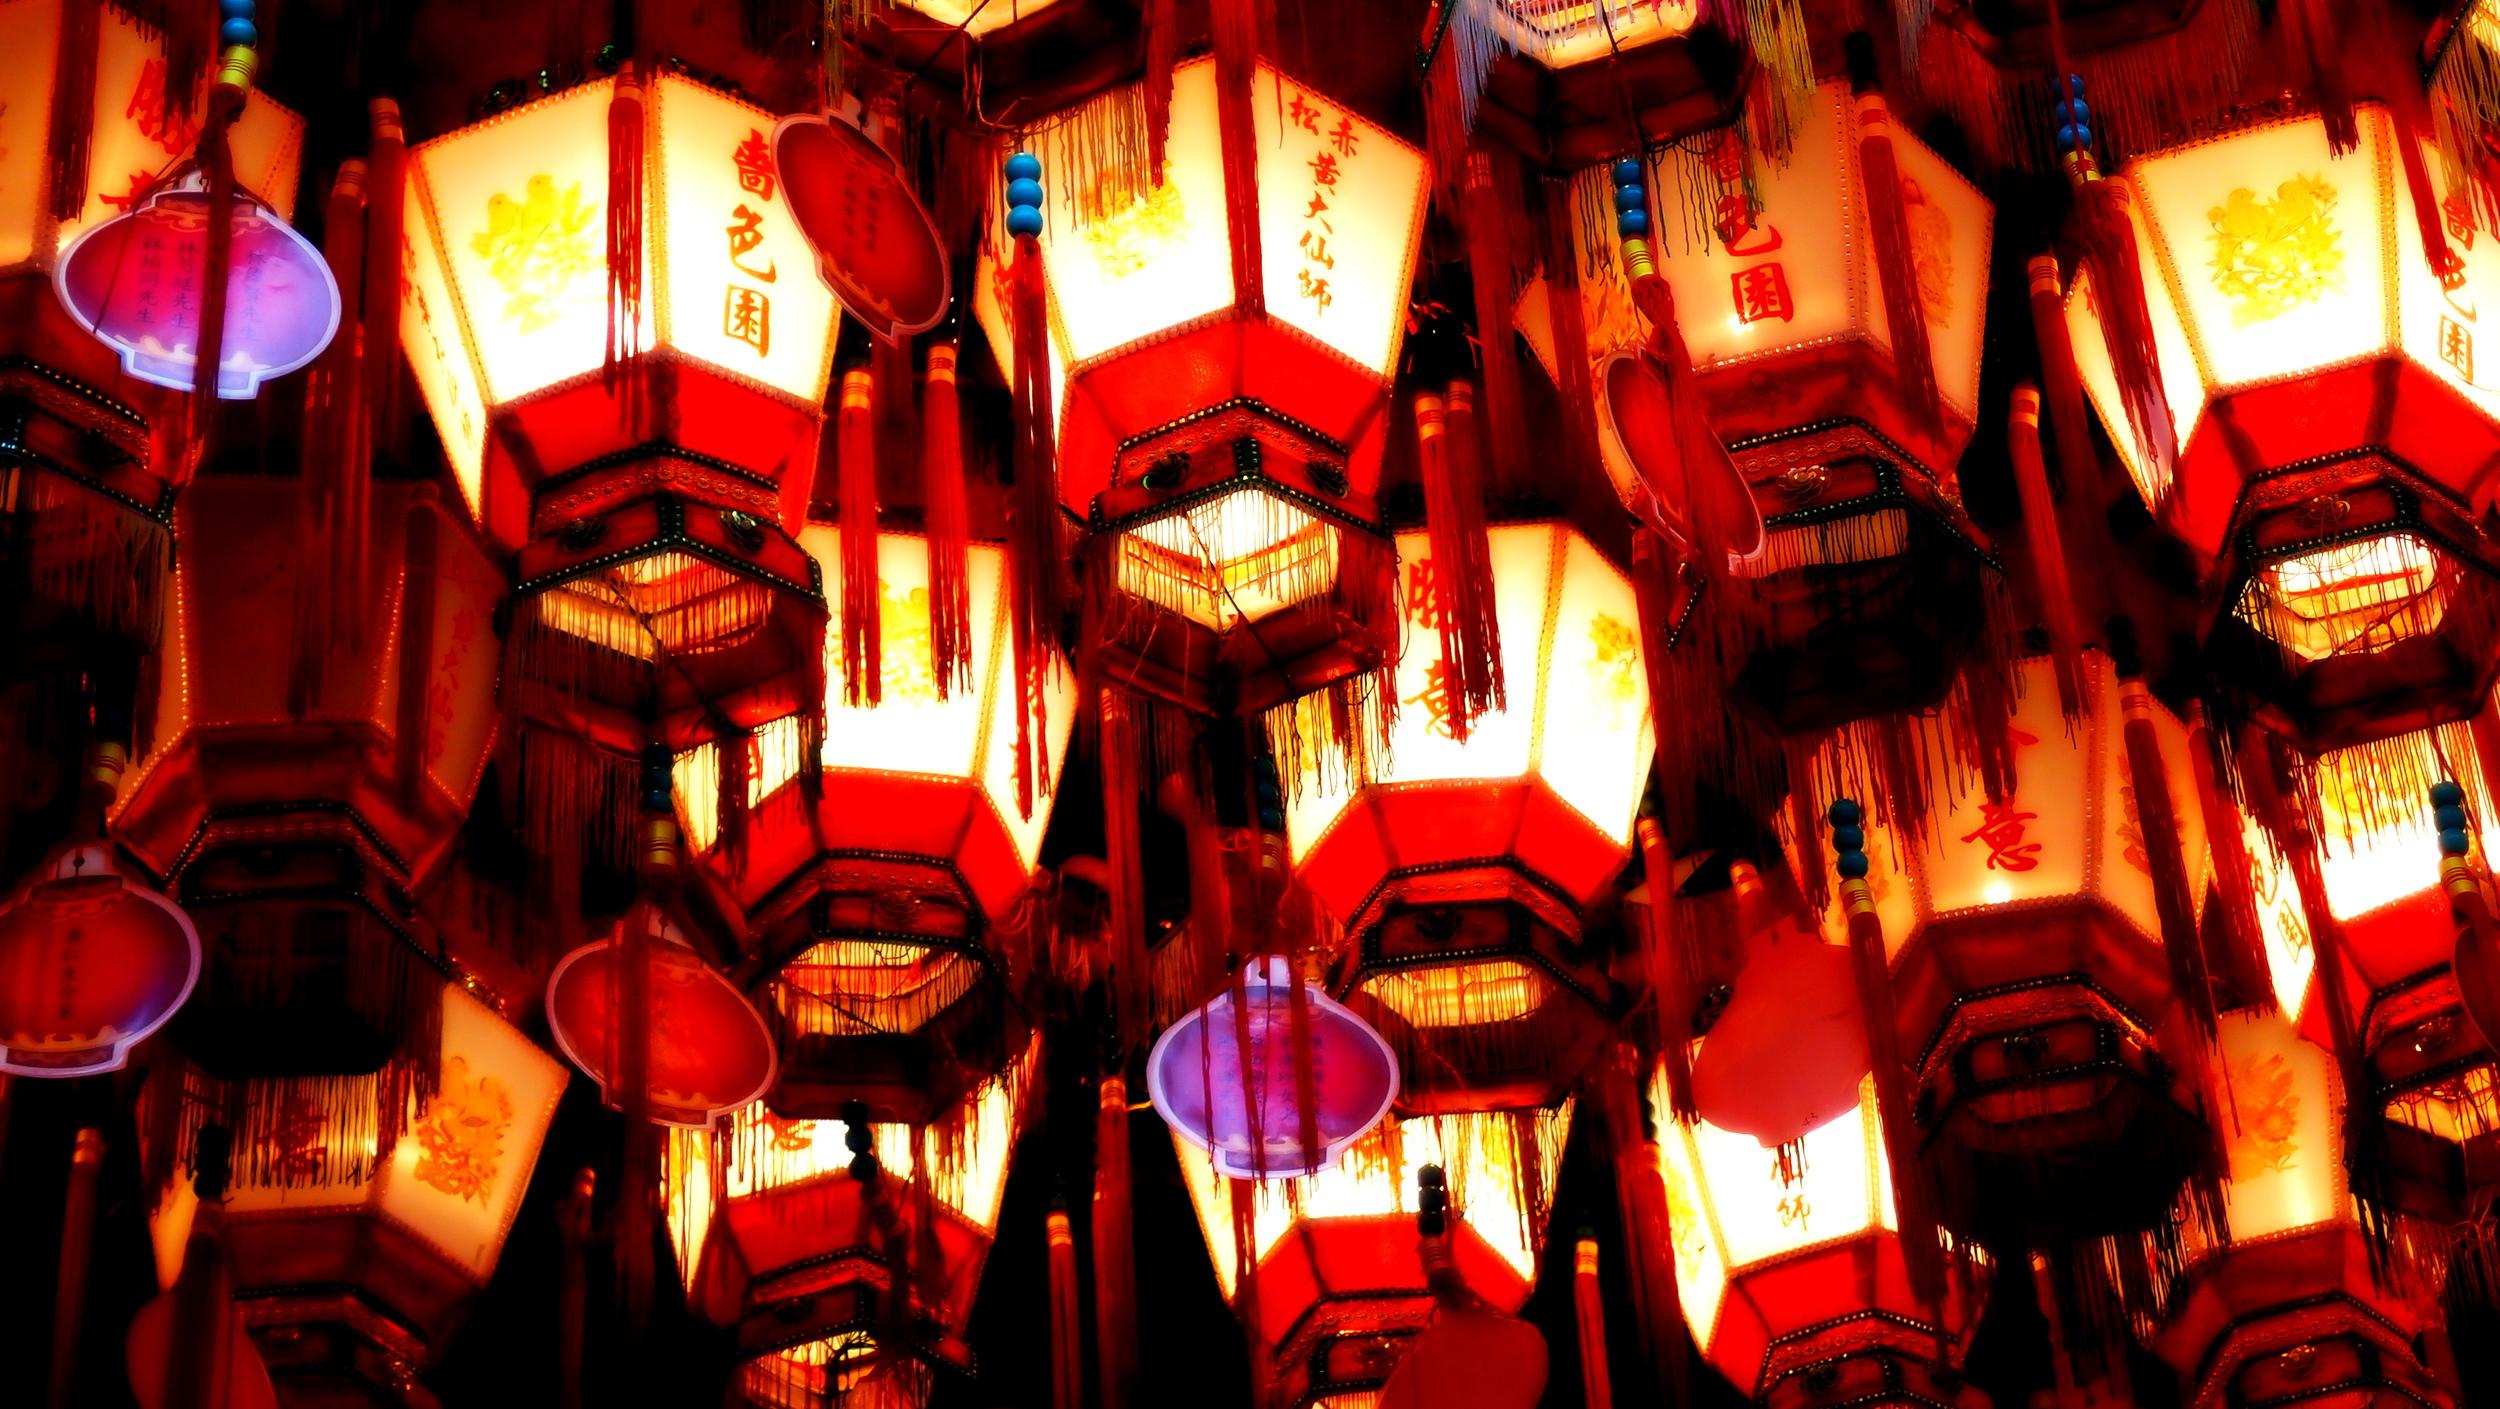 Lanterns at the Sik Sik Yuen Wong Tai Sin Temple